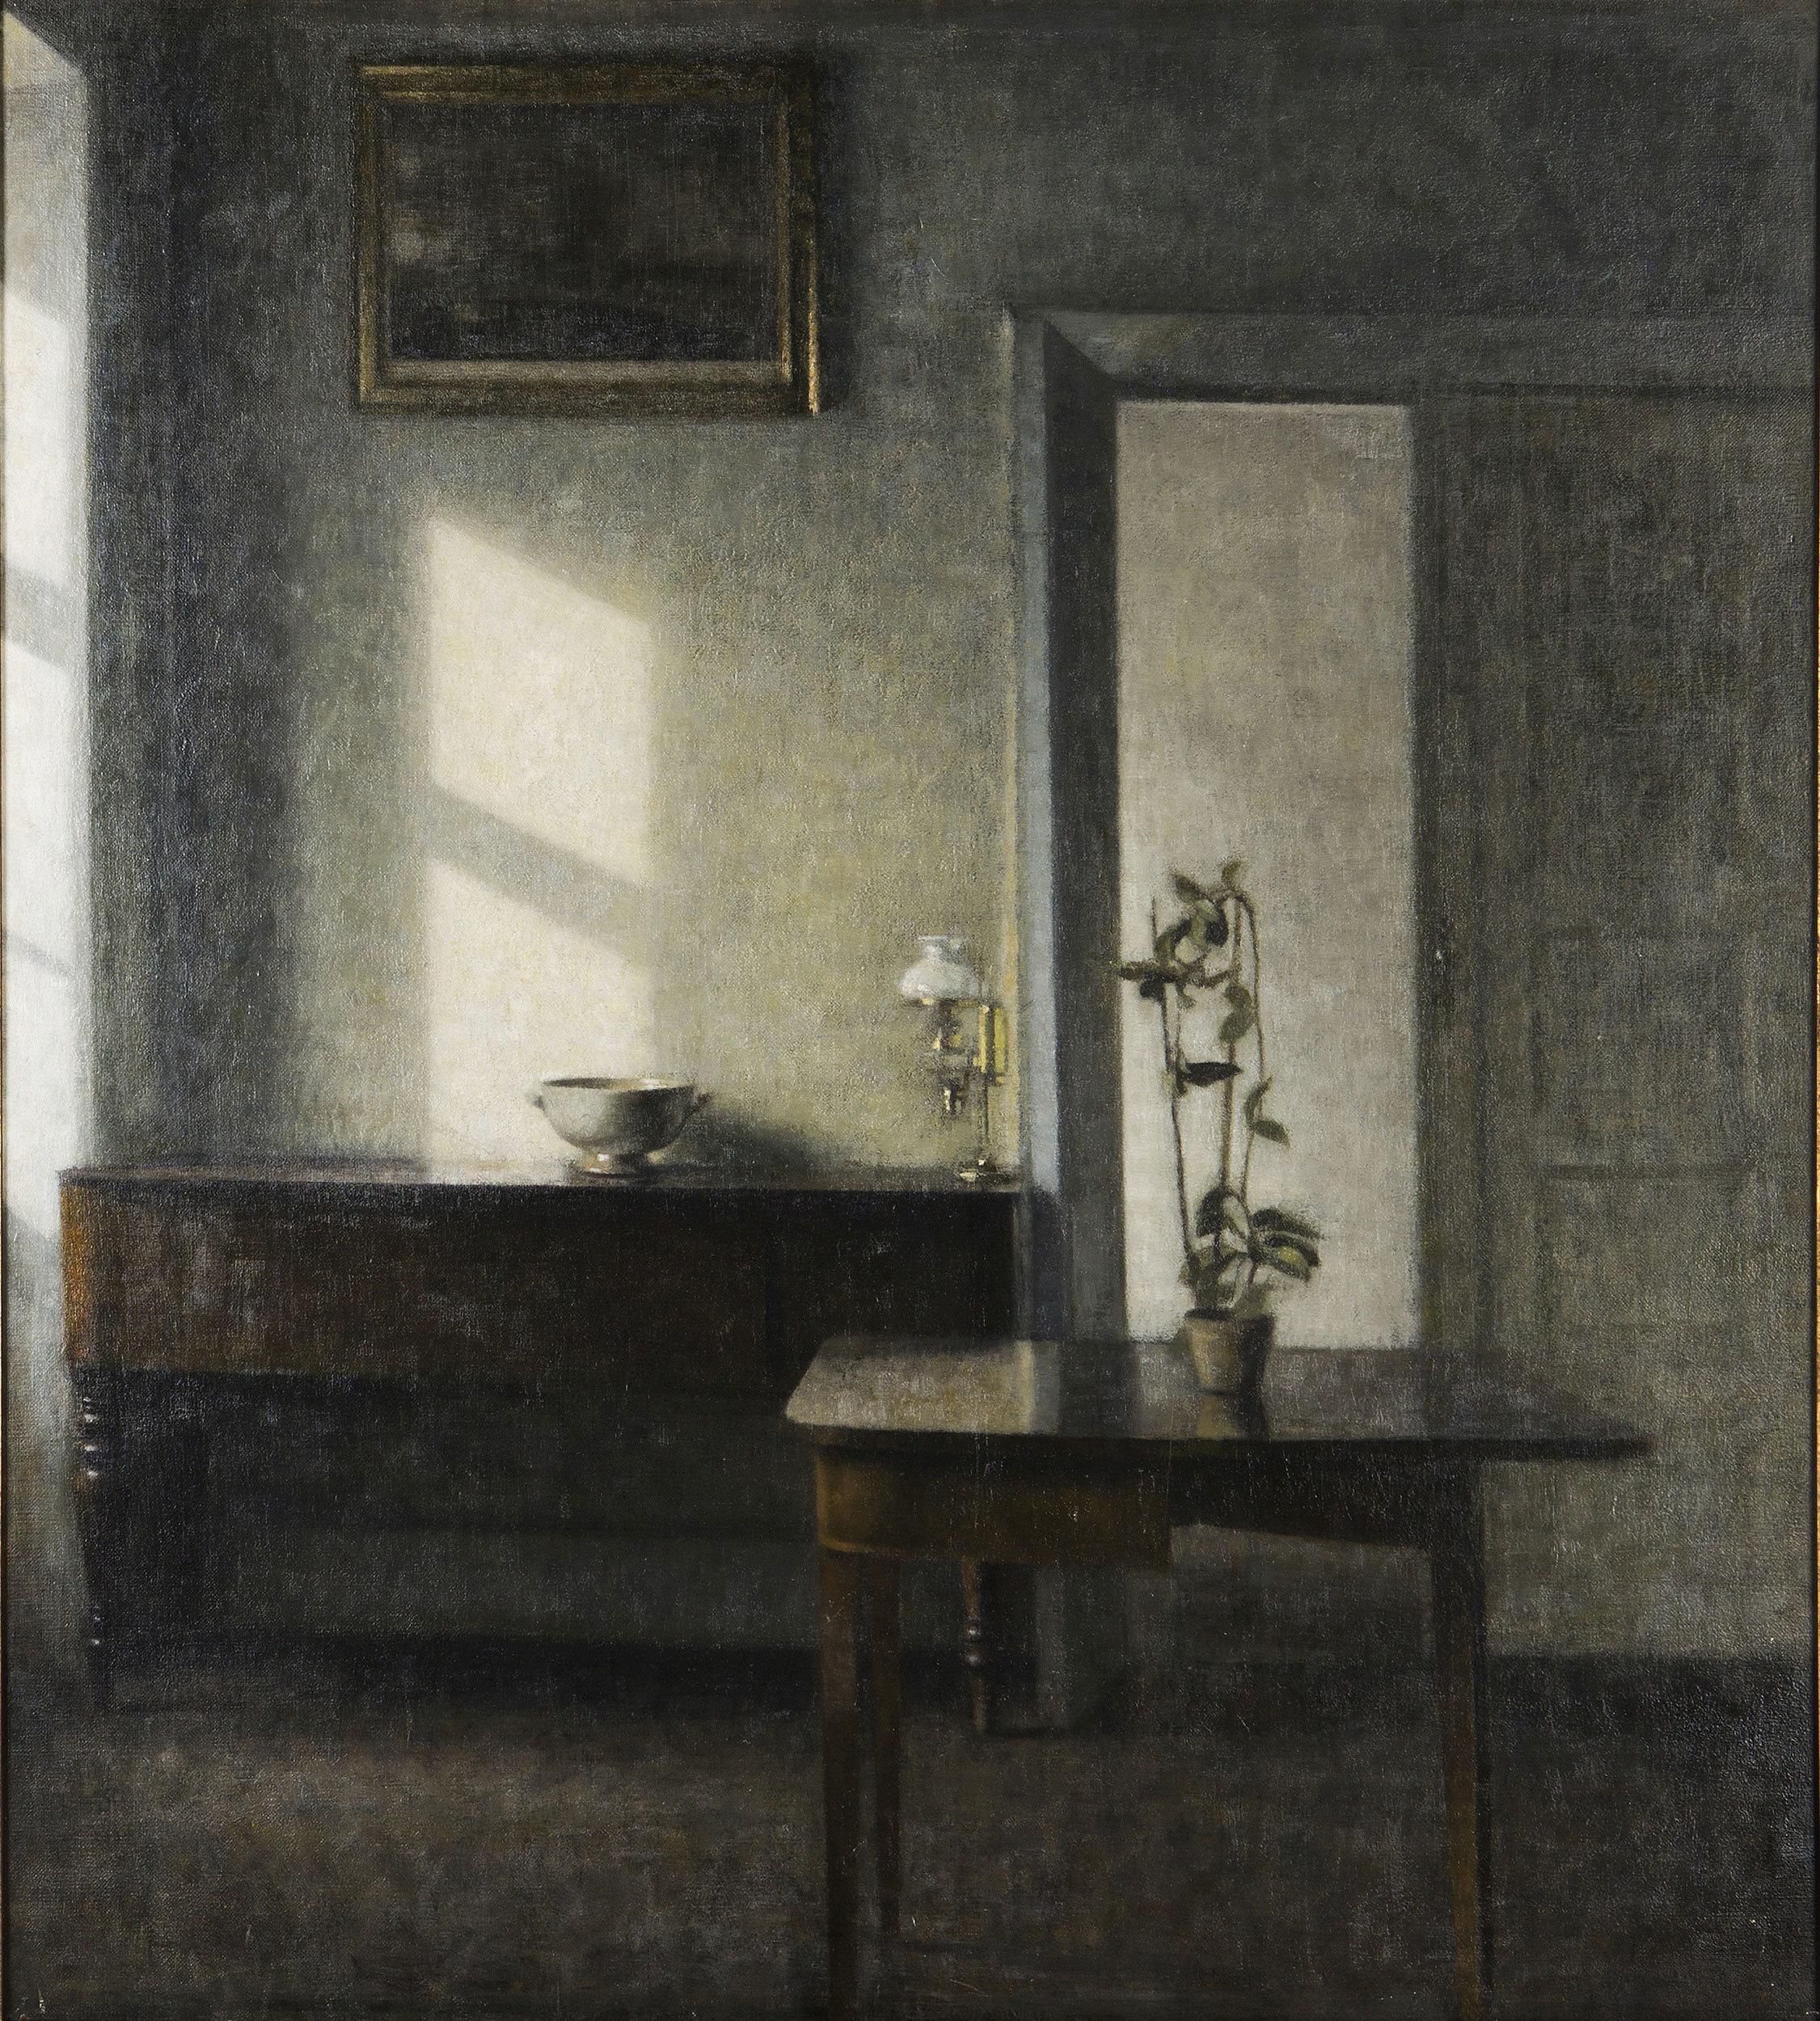 ヴィルヘルム・ハマスホイ 《カード・テーブルと鉢植えのある室内、ブレズゲーゼ25番地》 1910-11年 マルムー美術館蔵 Malmö Art Museum, Sweden